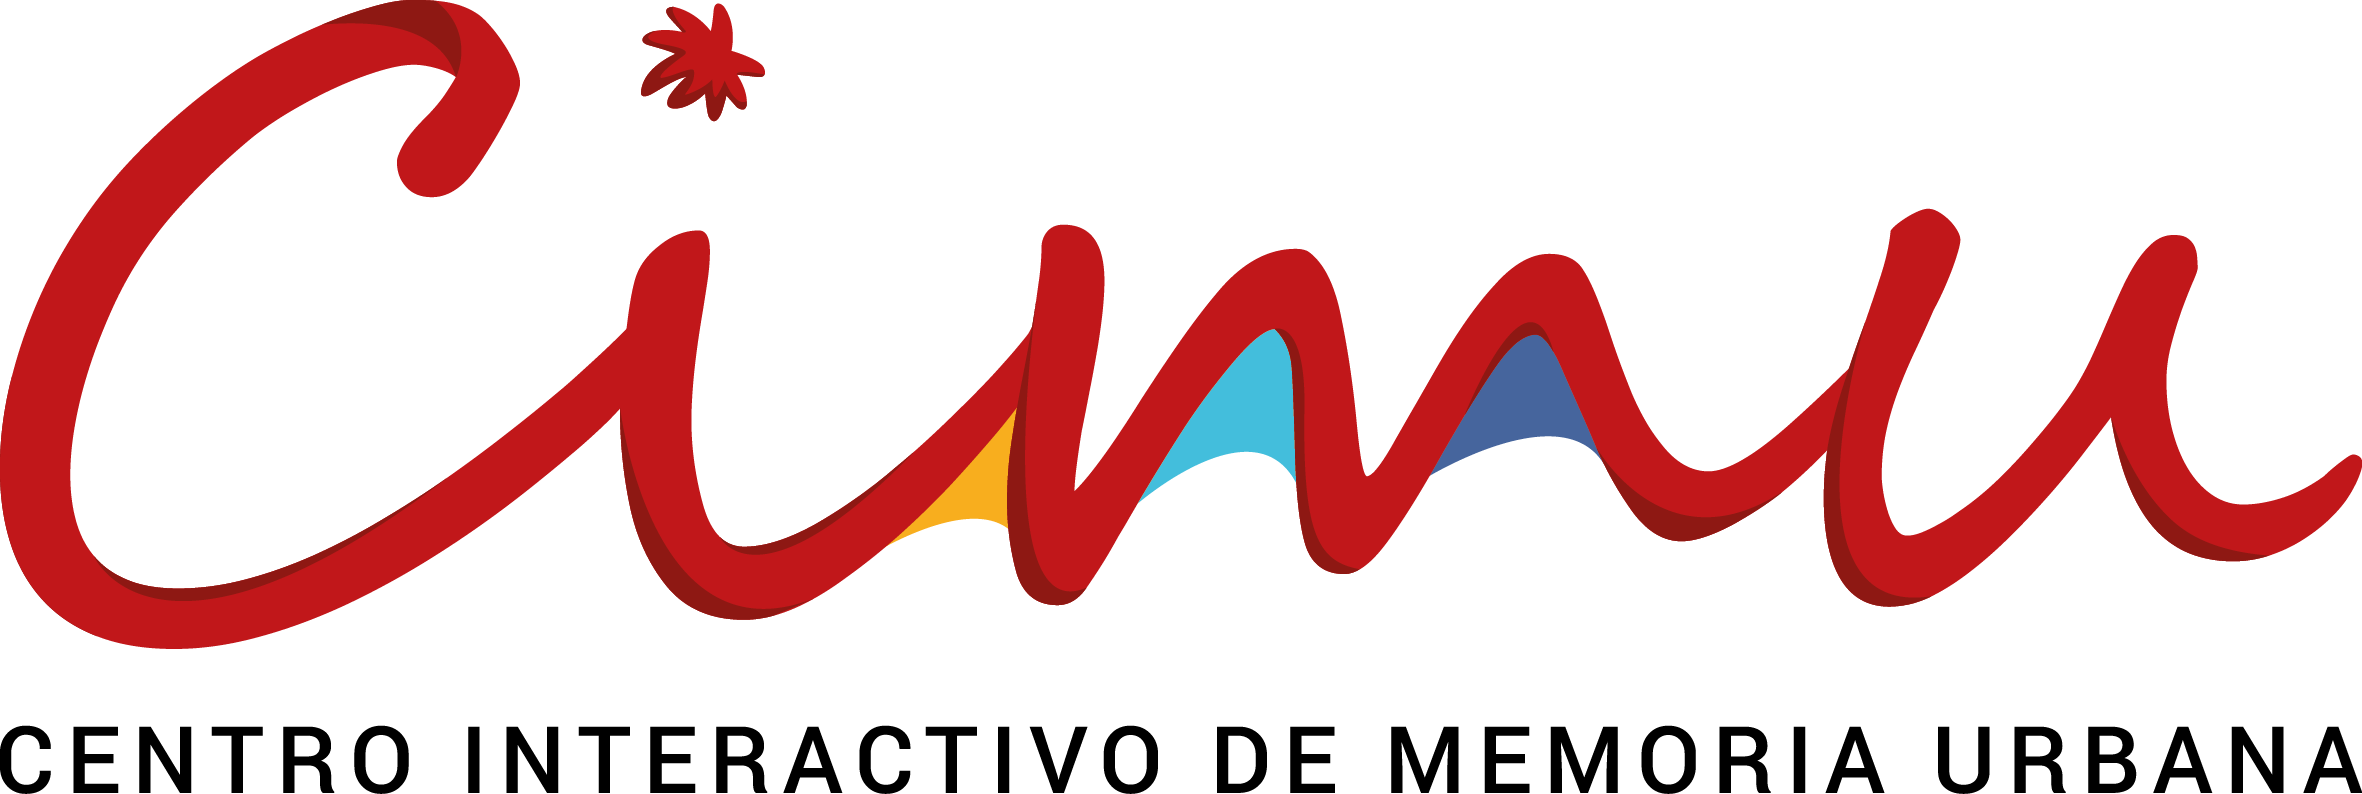 Centro Interactivo De Memoria Urbana – CIMU